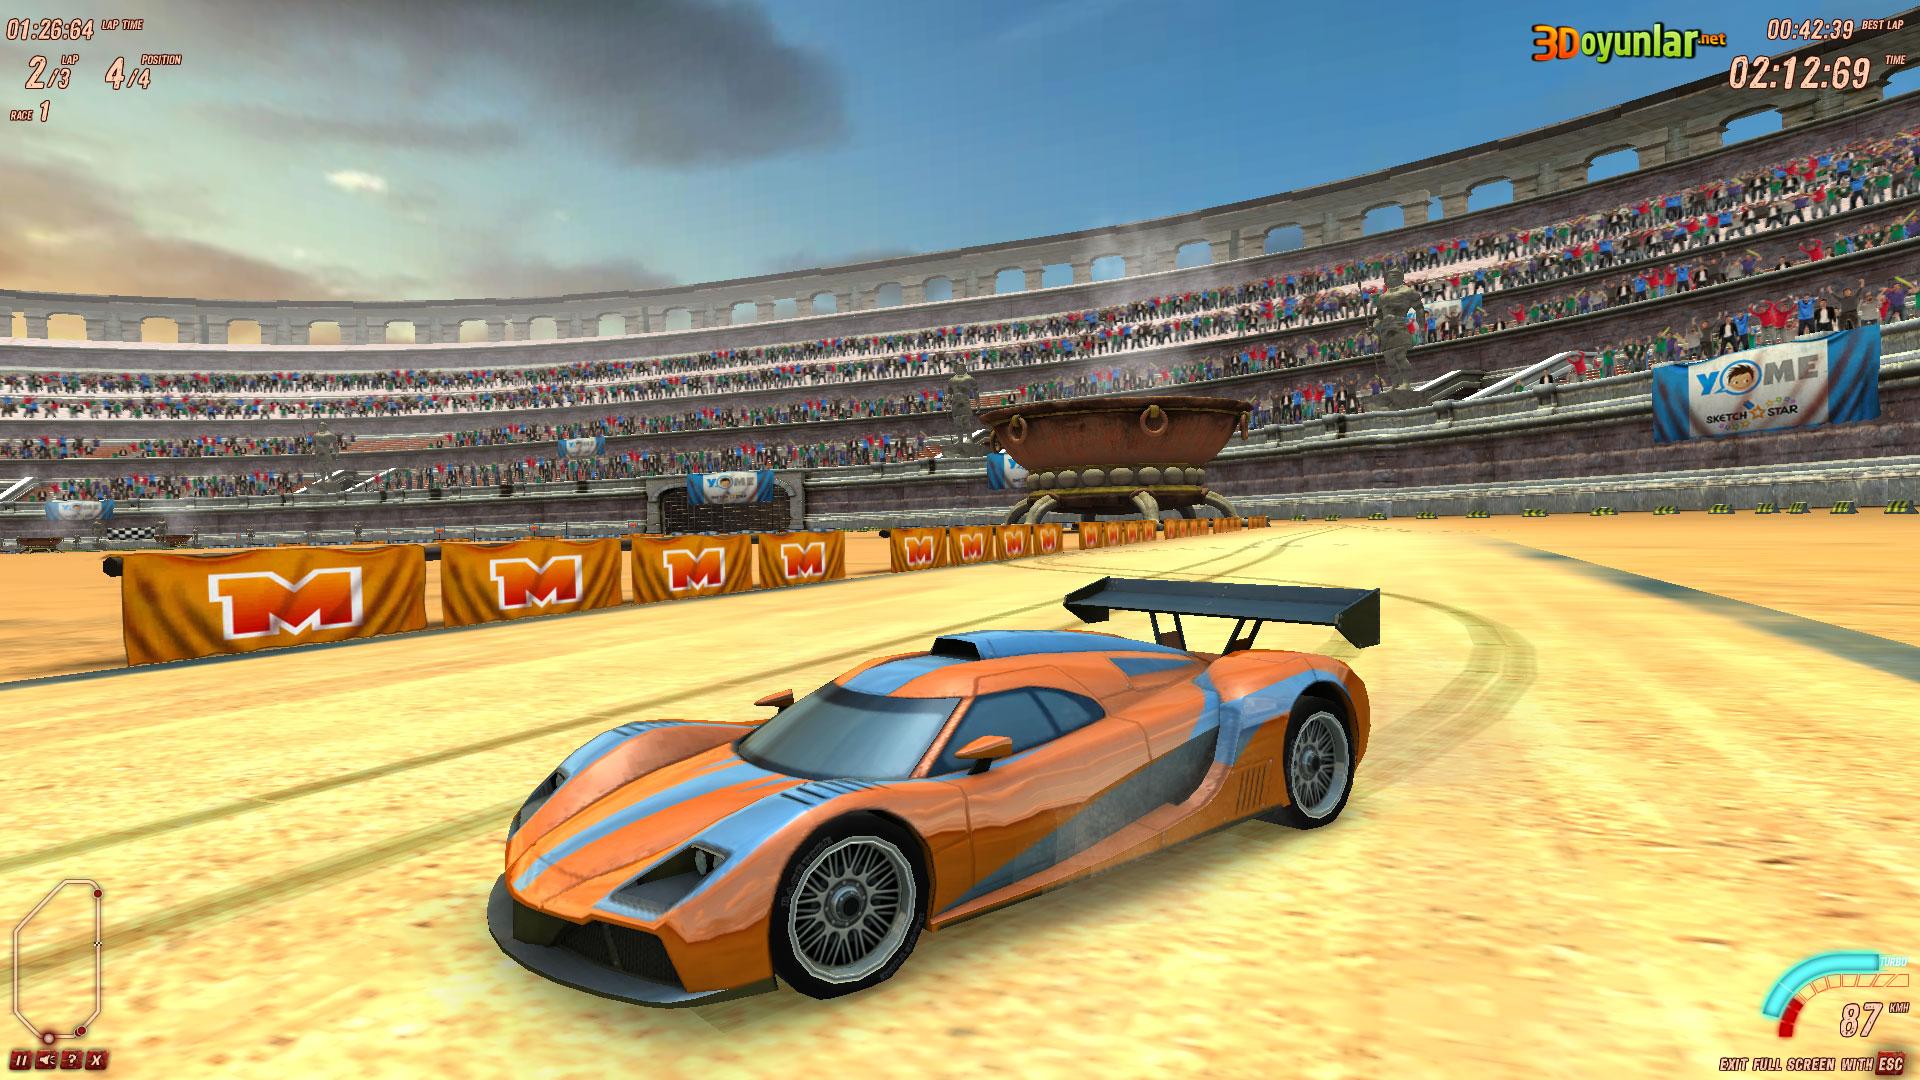 3d oyunlar 3d yarış kumlu yolda araba yarışı oyunu